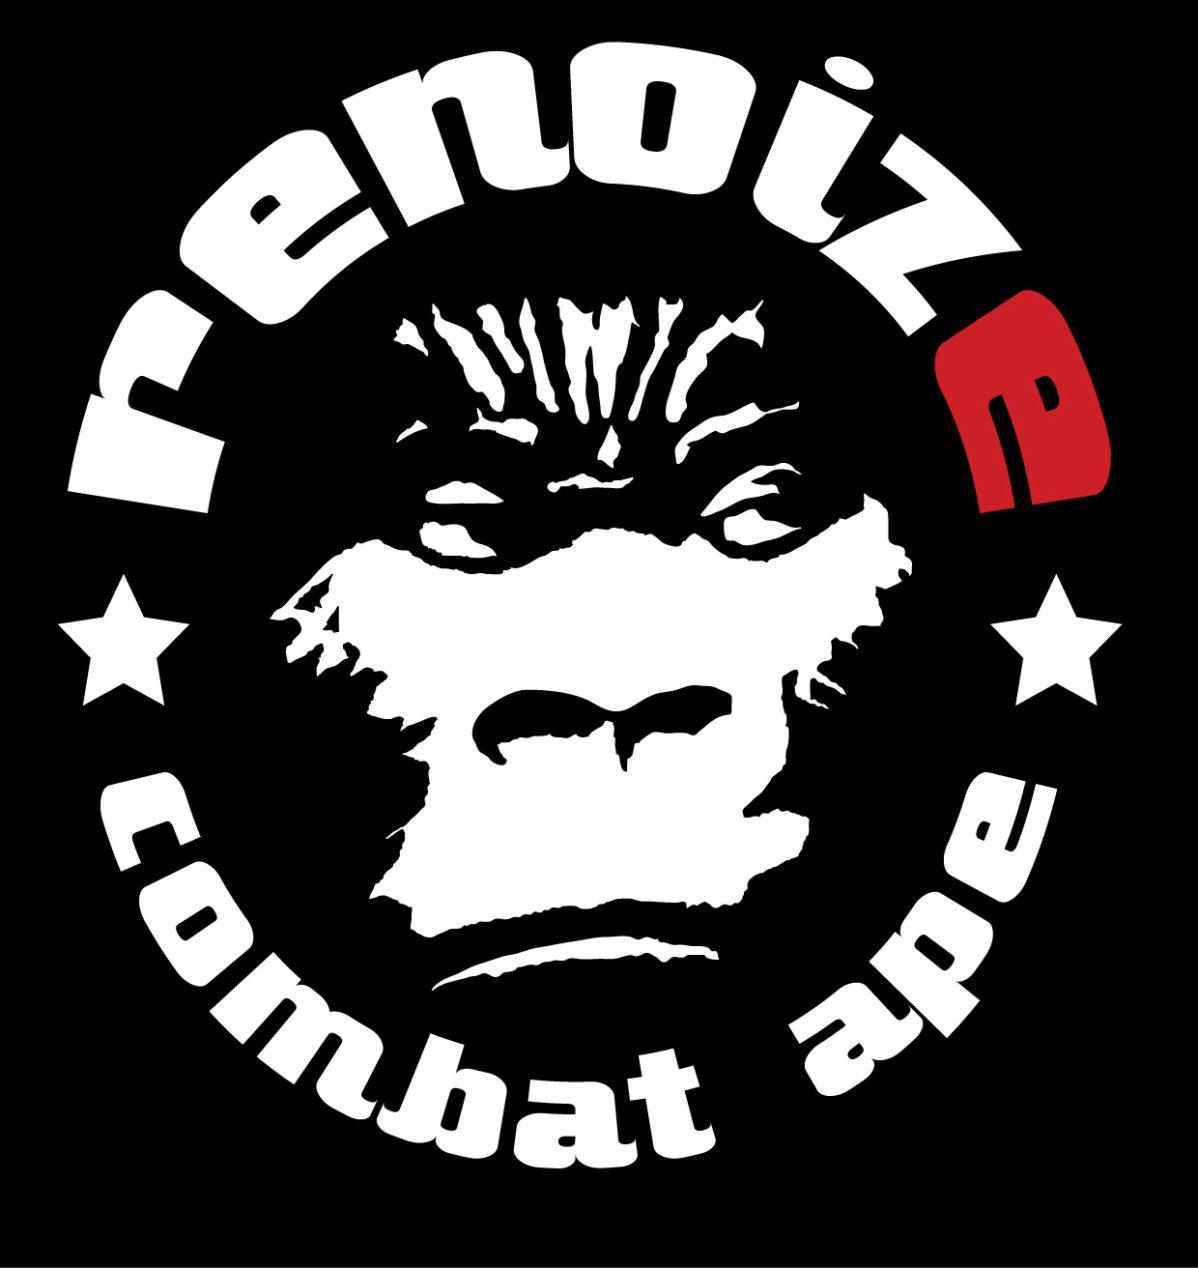 RENOIZE-ape-logo